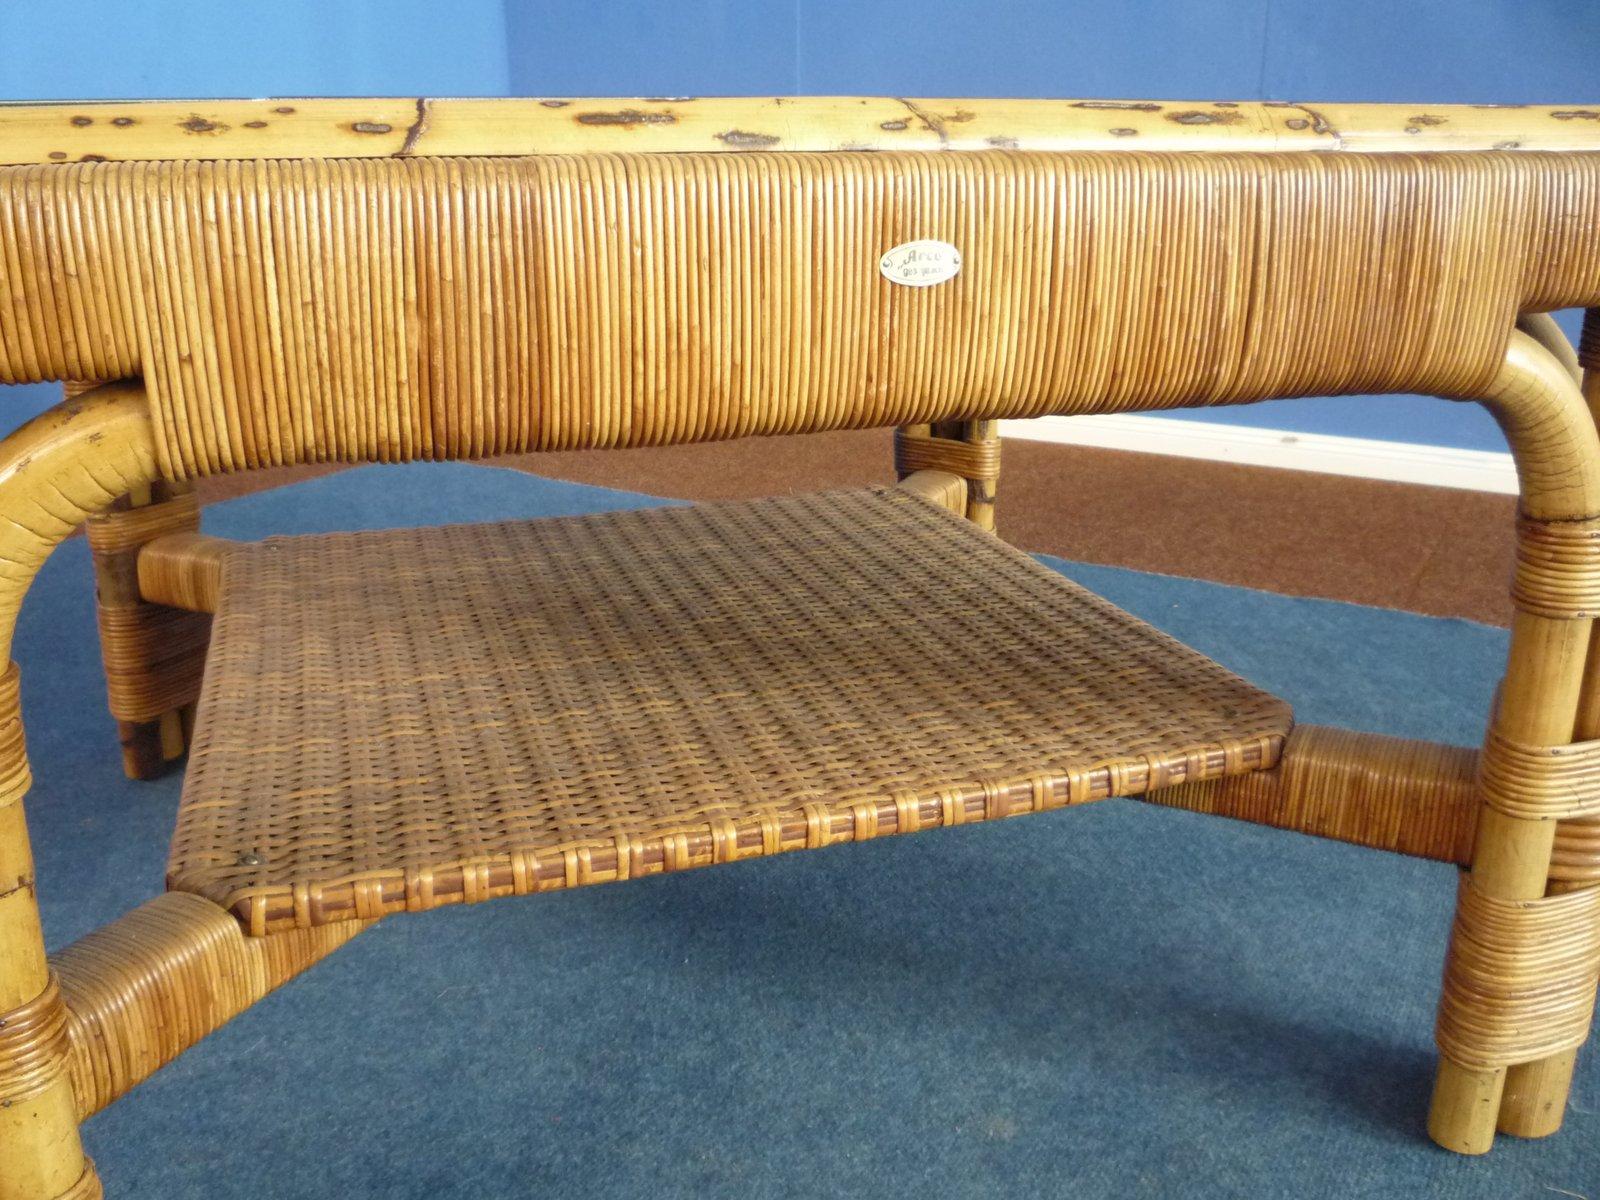 Couchtisch aus rattan bambus keramik von arco 1940er - Bambus couchtisch ...